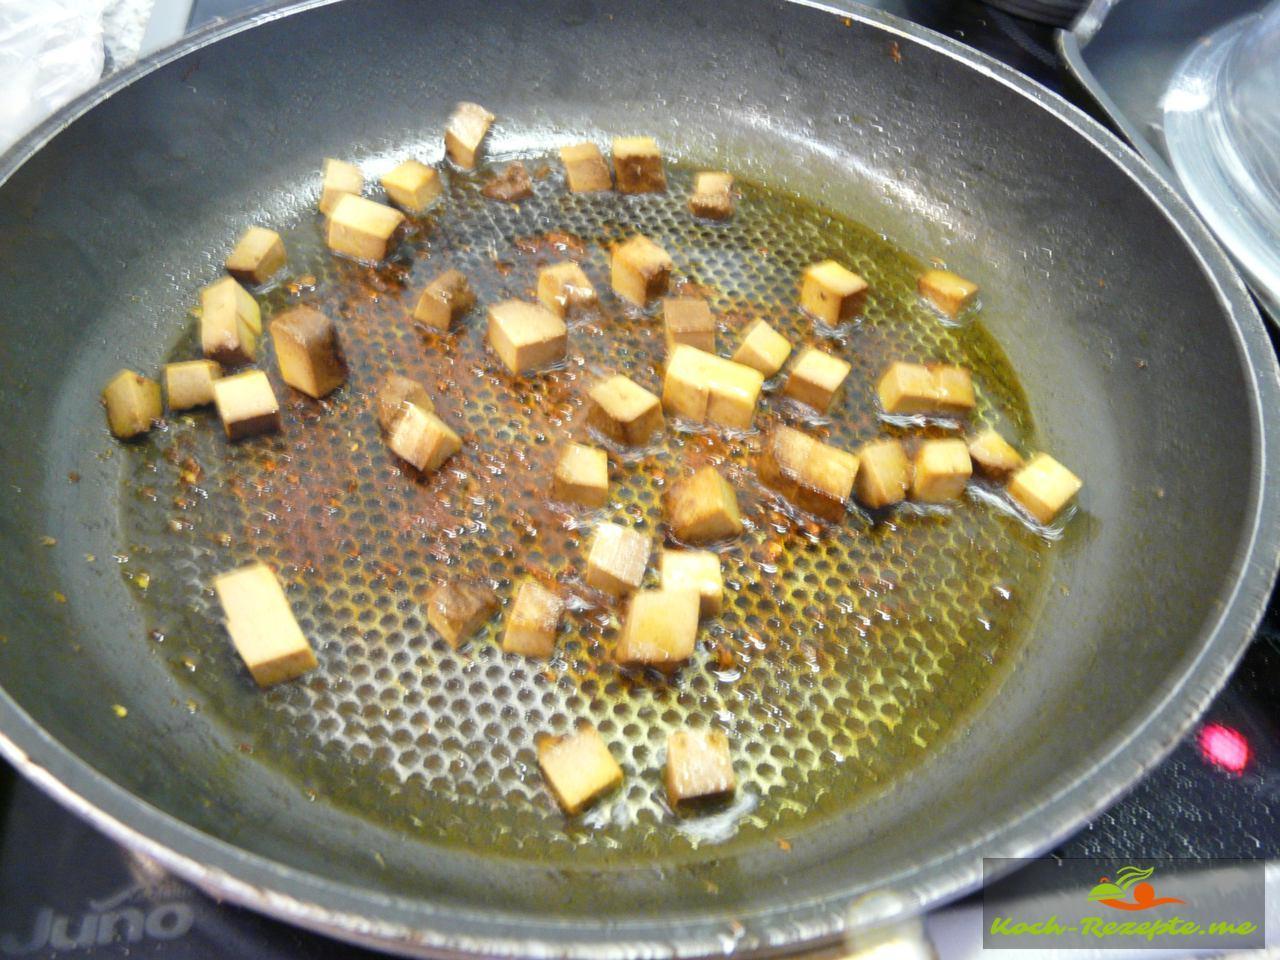 Tofuwürfel anbraten